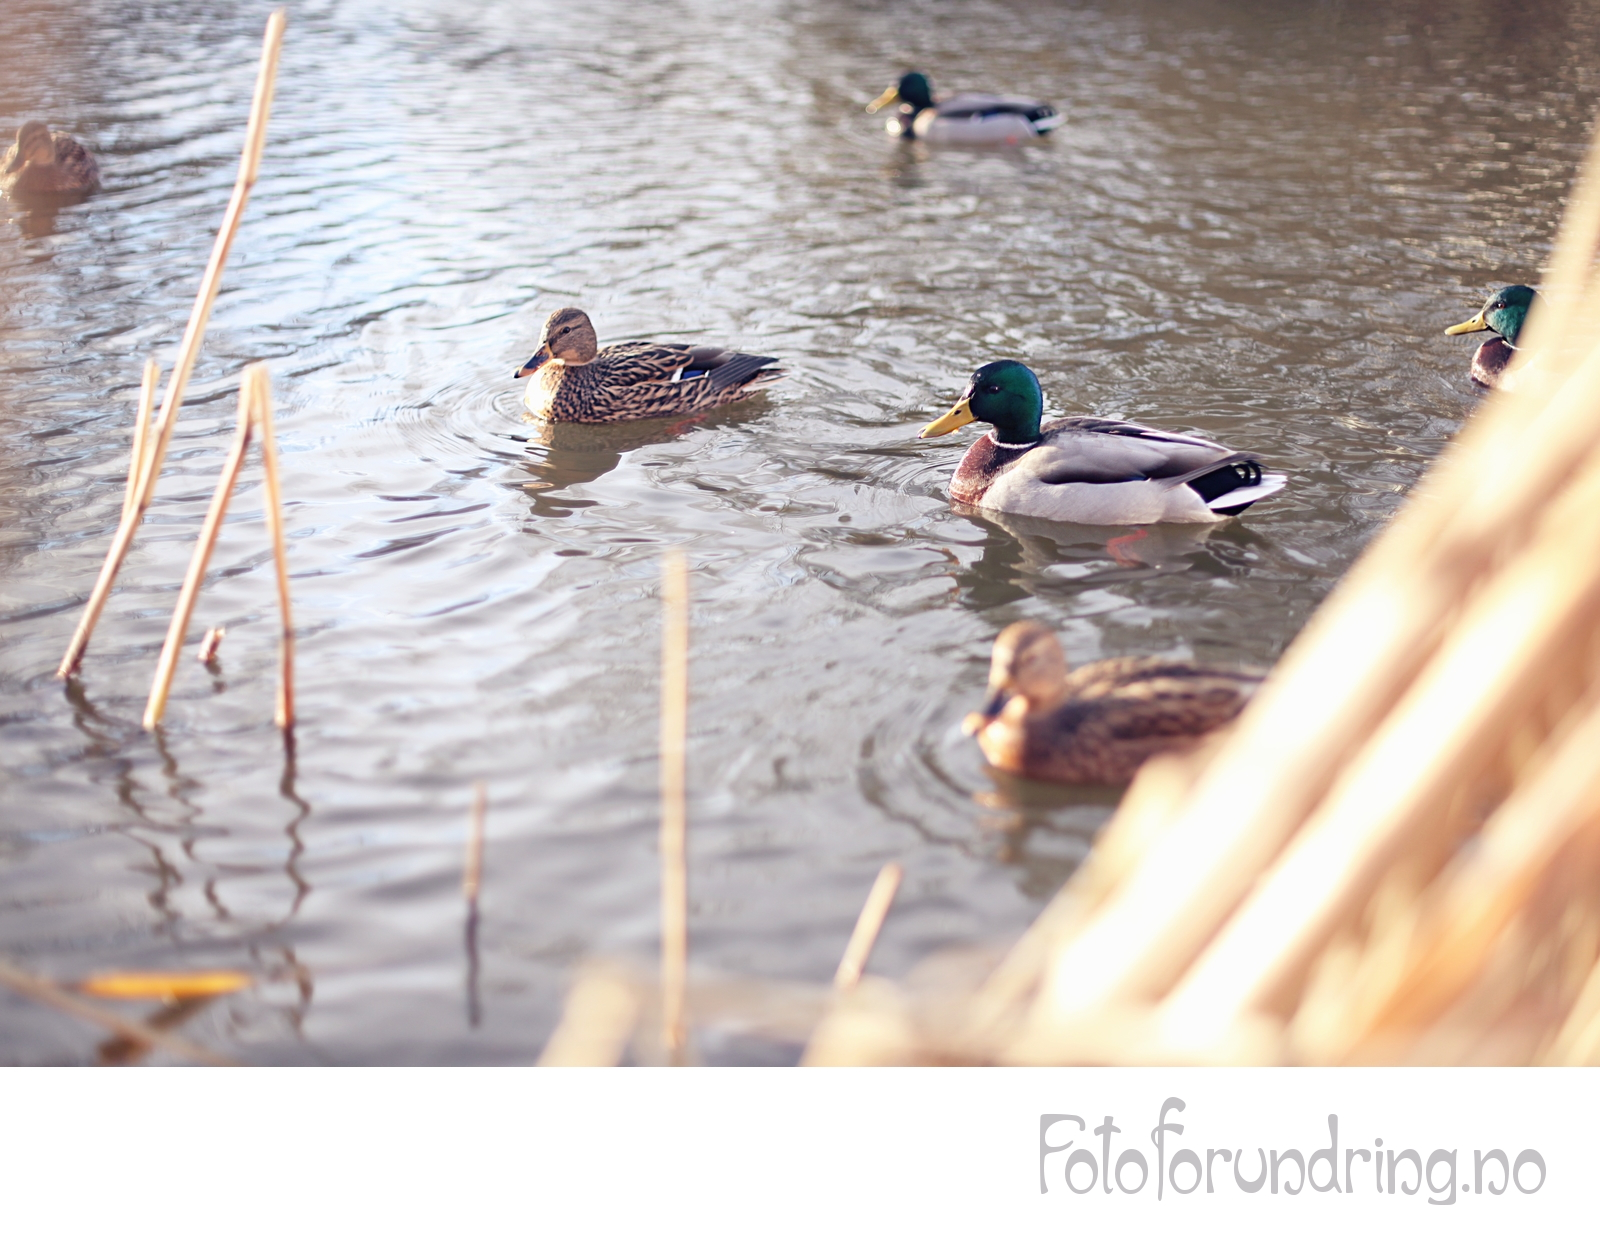 Tiril Hauan Photography: sitrende.net / tirilhauan.net / fotoforundring.no